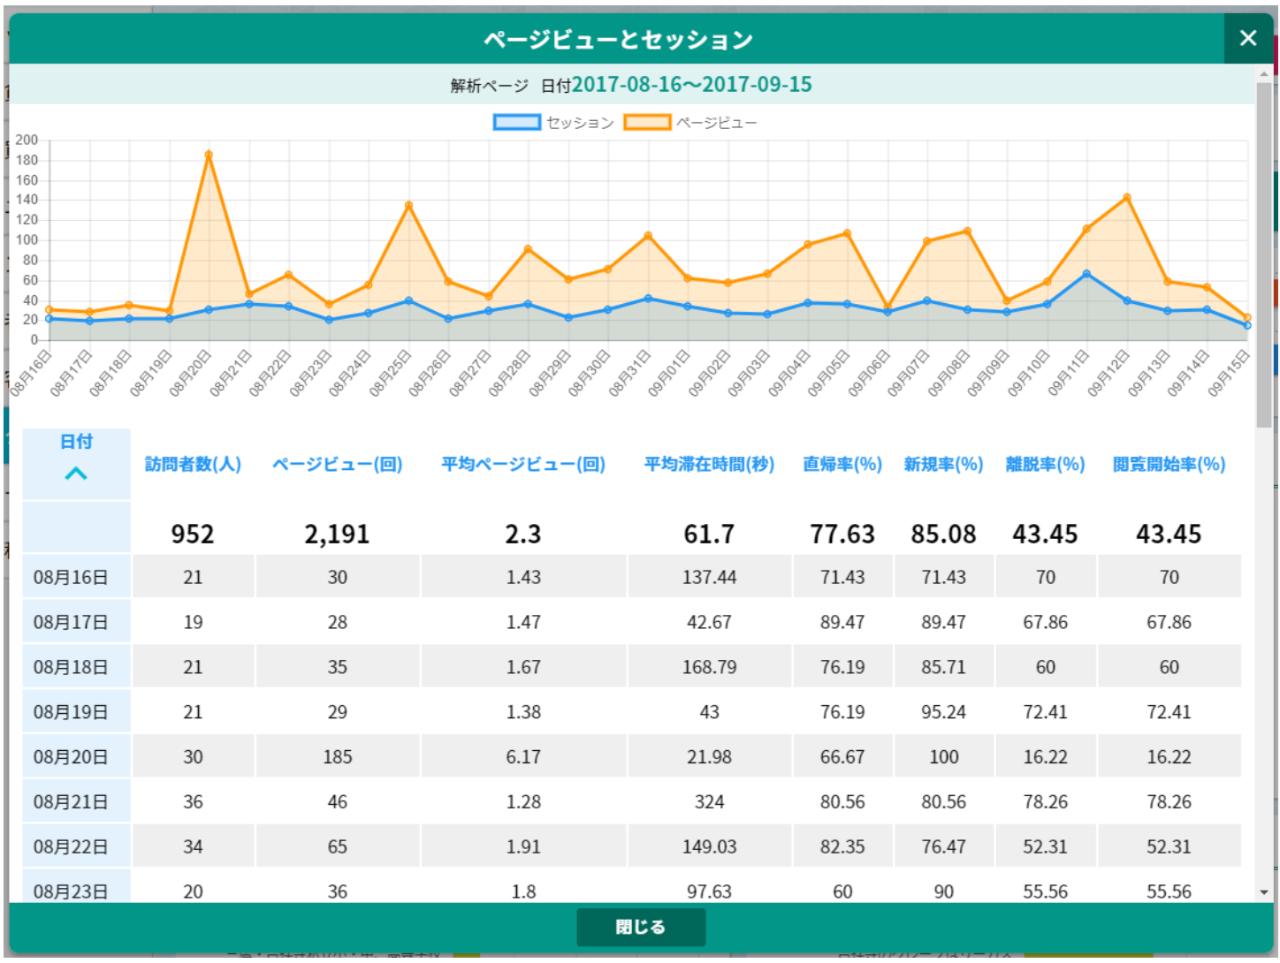 ドリームXのアクセス解析「ページビューと訪問者の数値表」